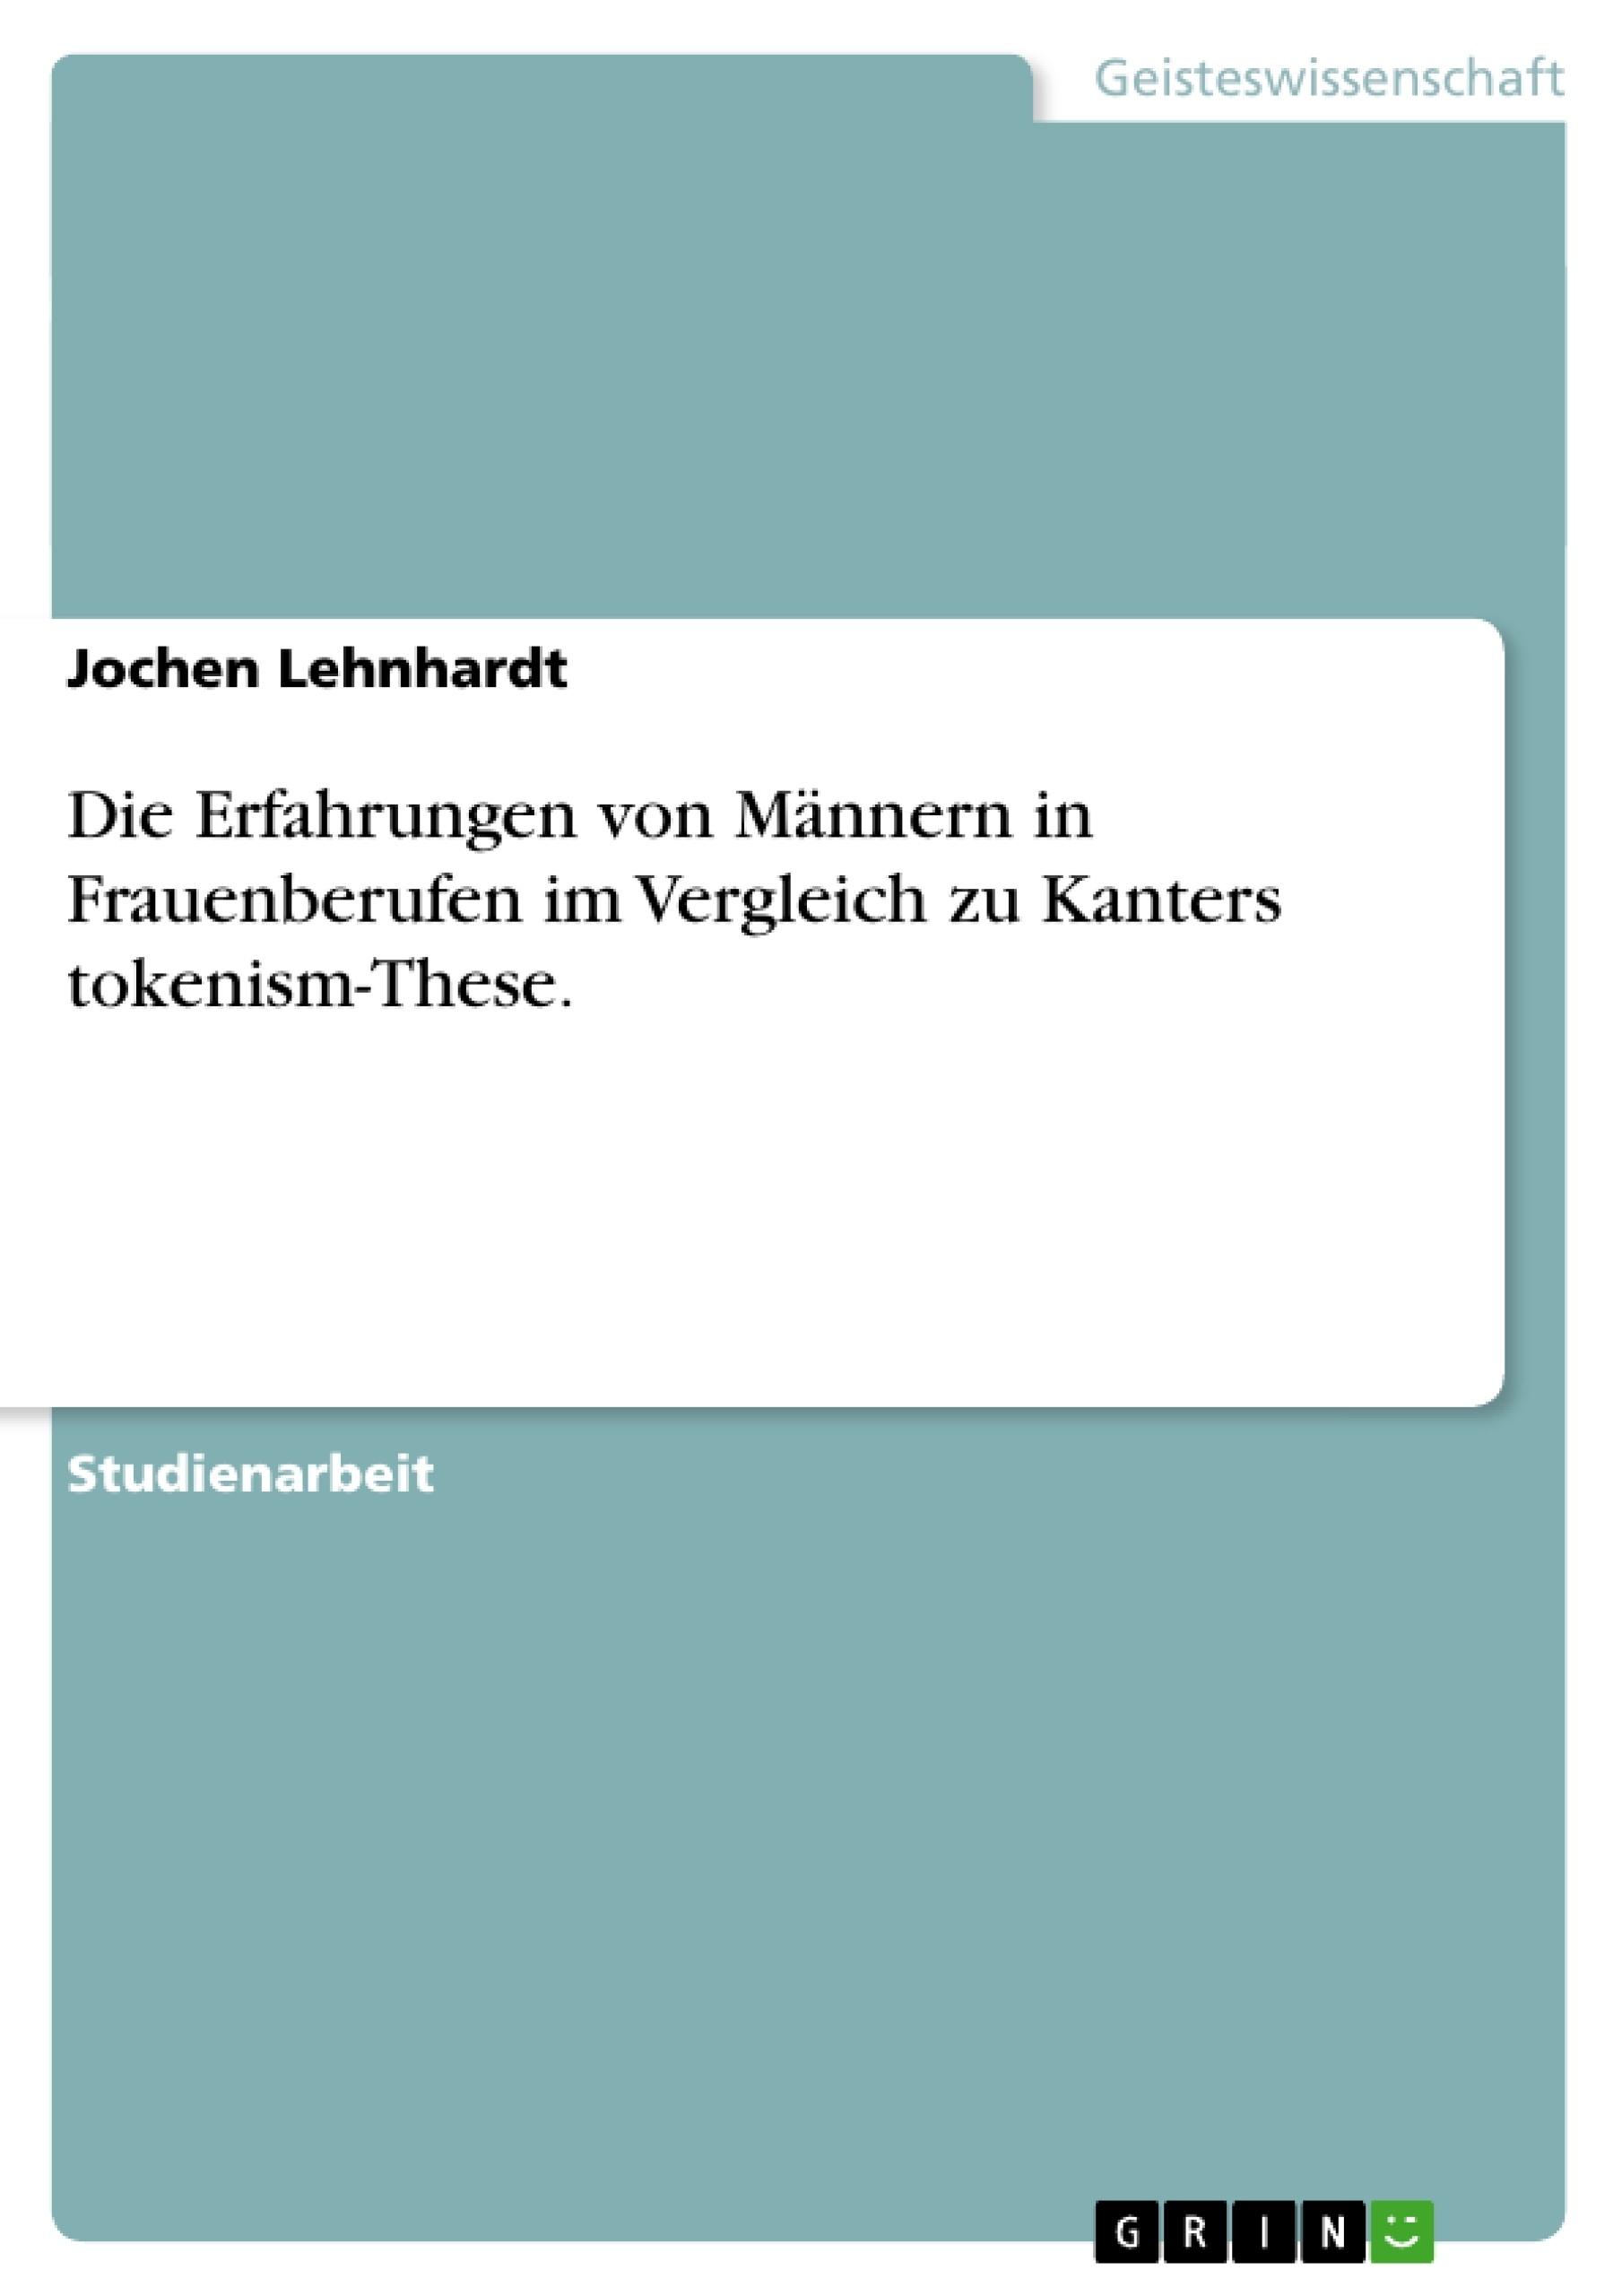 Titel: Die Erfahrungen von Männern in Frauenberufen im Vergleich zu Kanters tokenism-These.